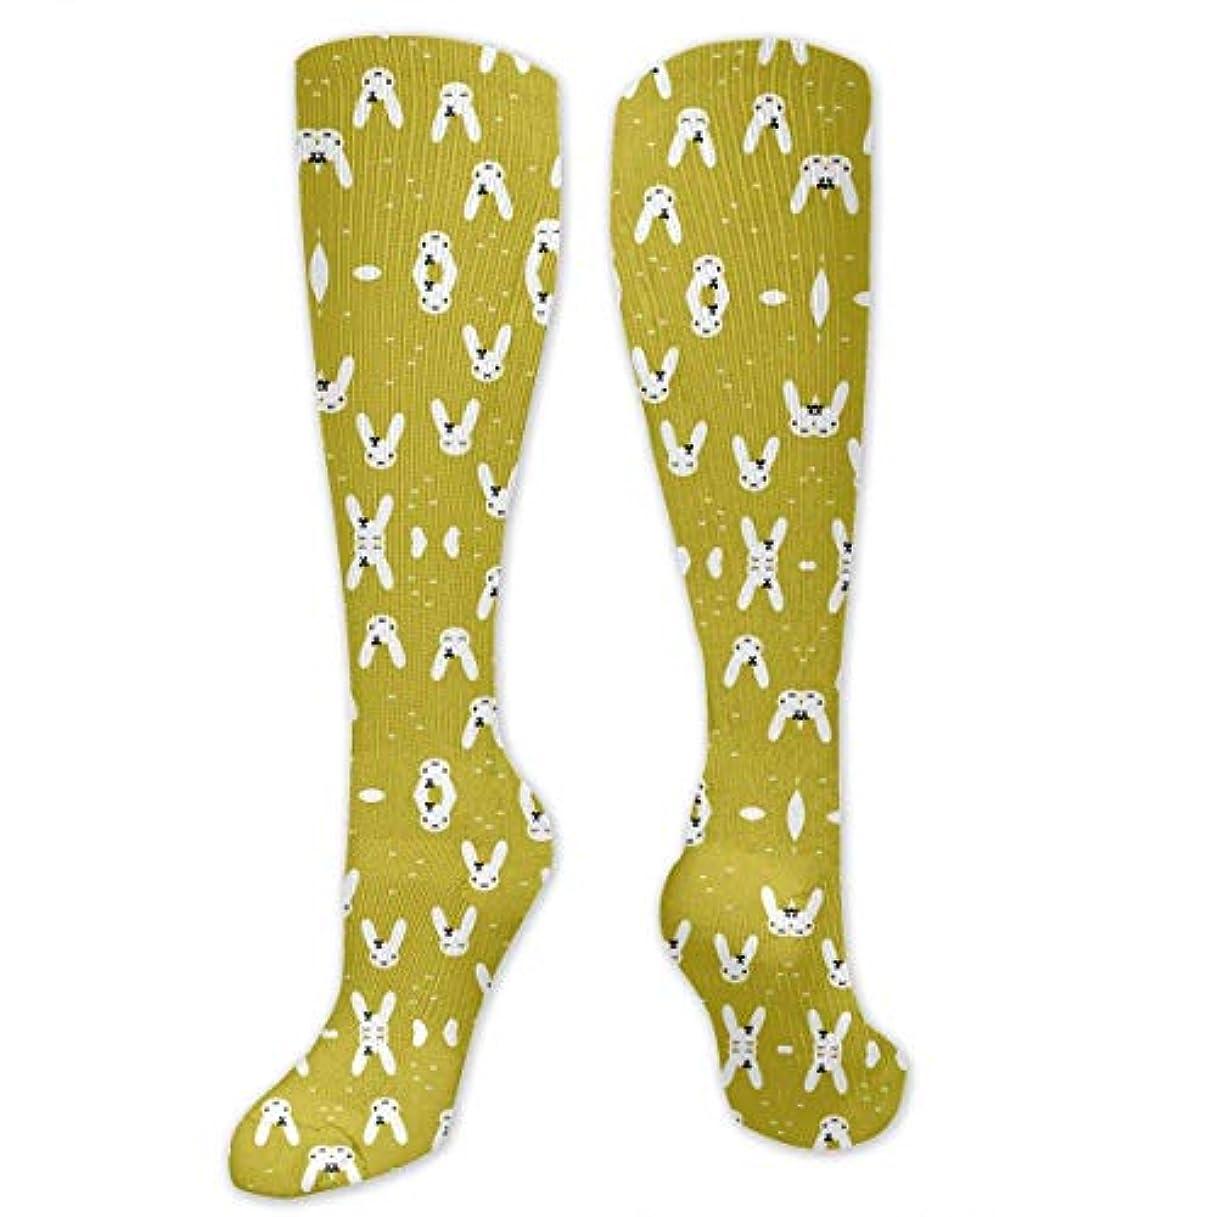 背骨凶暴な対応靴下,ストッキング,野生のジョーカー,実際,秋の本質,冬必須,サマーウェア&RBXAA Cute Spring Bunny Socks Women's Winter Cotton Long Tube Socks Cotton...